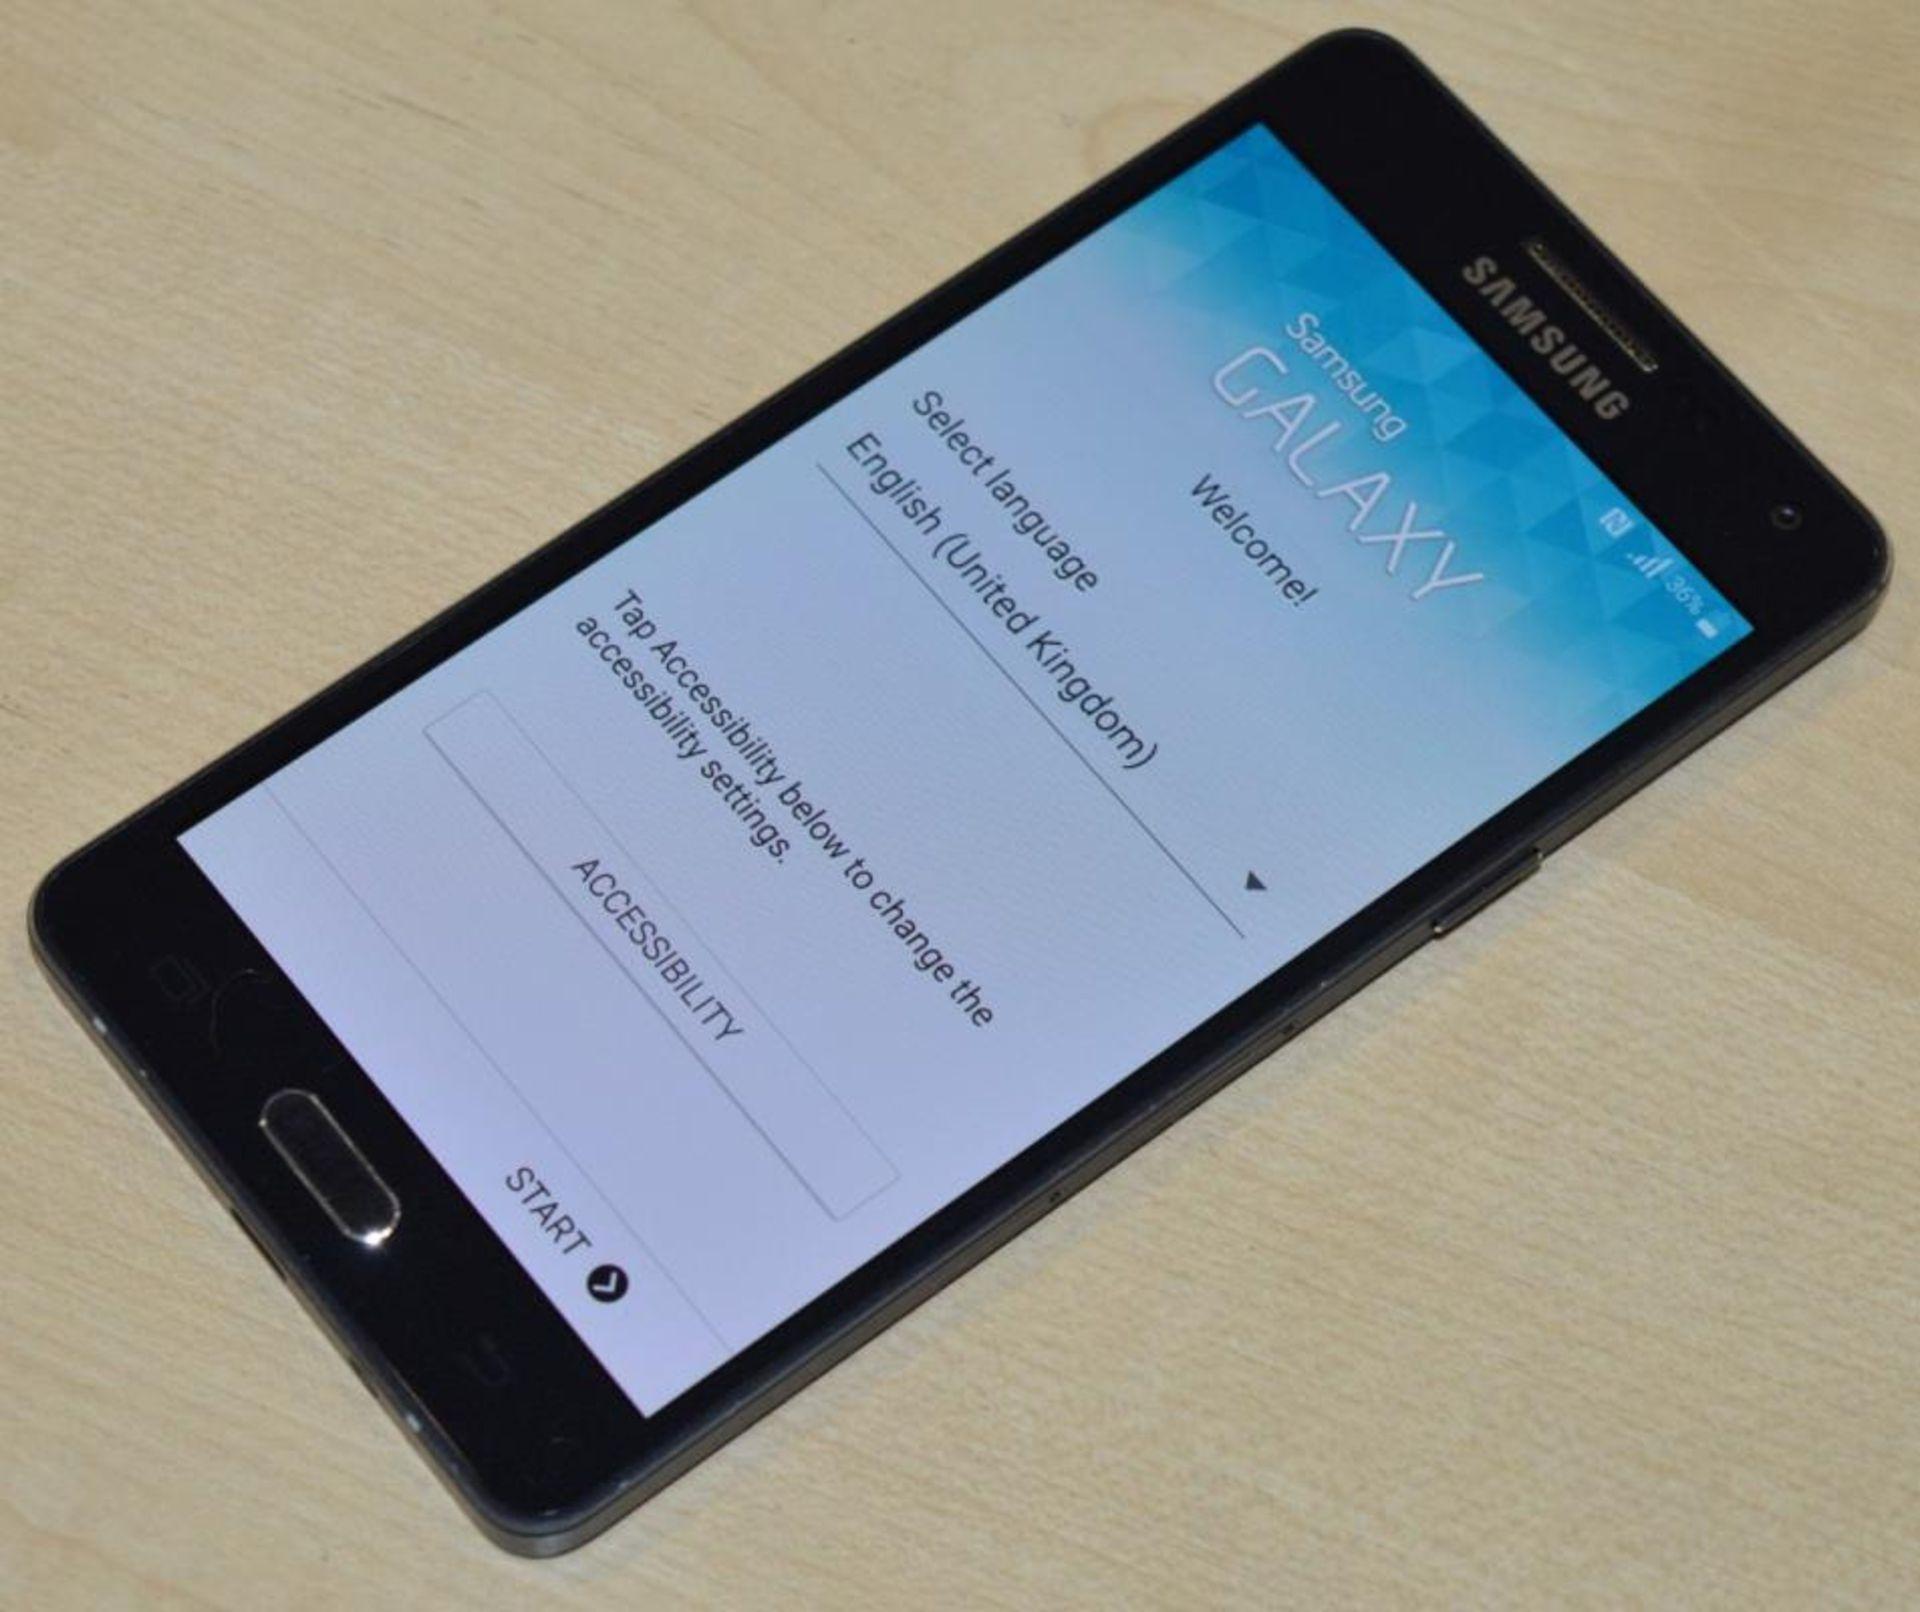 Lot 240 - 1 x Samsung Galaxy A5 16gb Smart Phone - Model SM-A500FU - Midnight Black - CL285 - Ref J0000 -